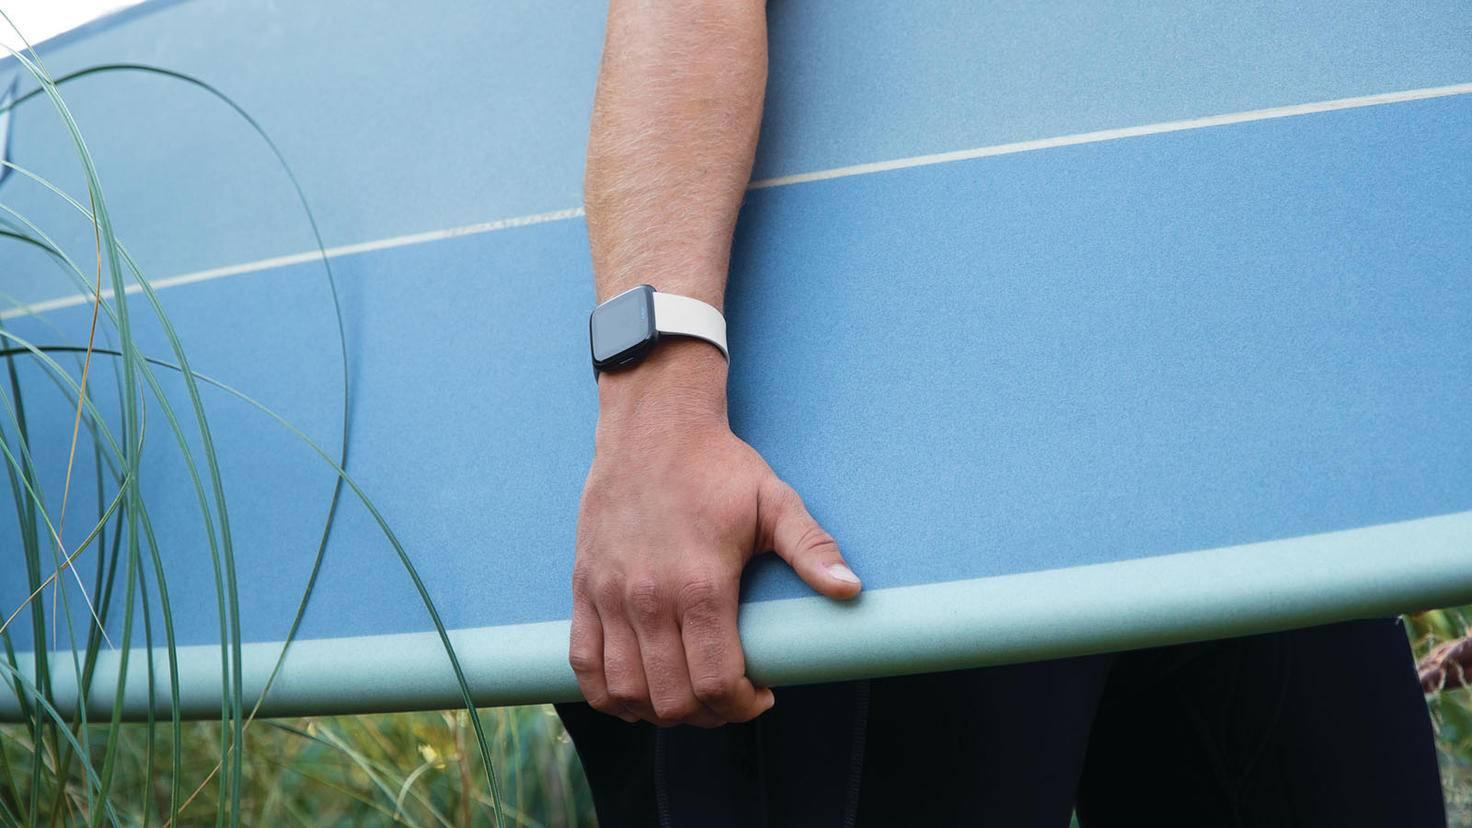 Die Fitbit Versa oder Fitbit Versa Lite kann problemlos mit zum Surfen genommen werden.